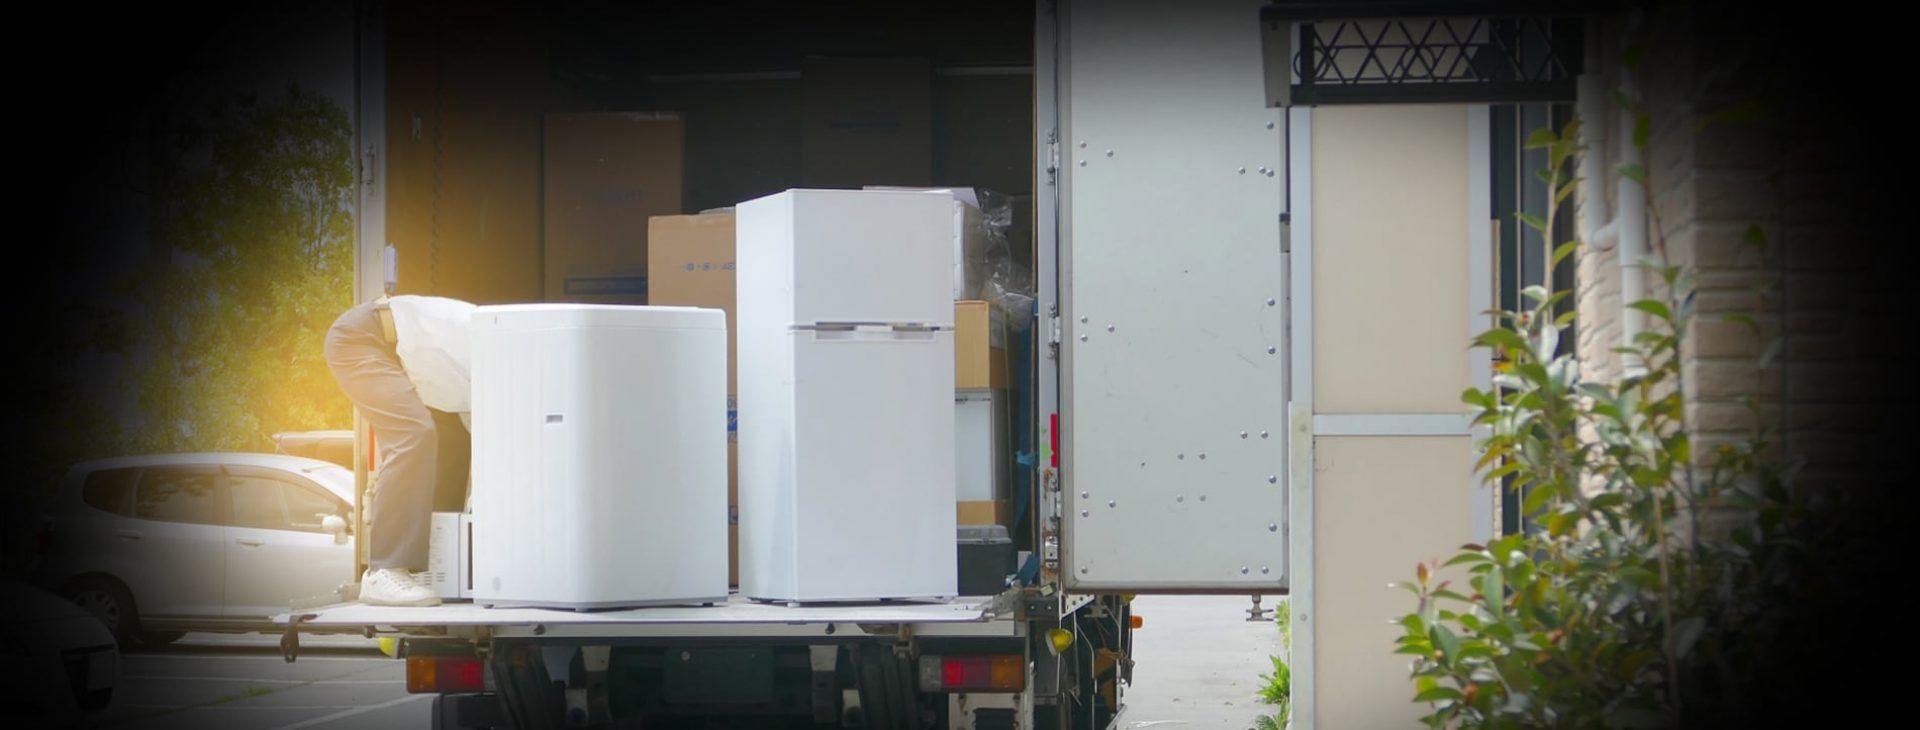 產業應用 家電運送 教你用物流貼紙提升家電運送品質 1